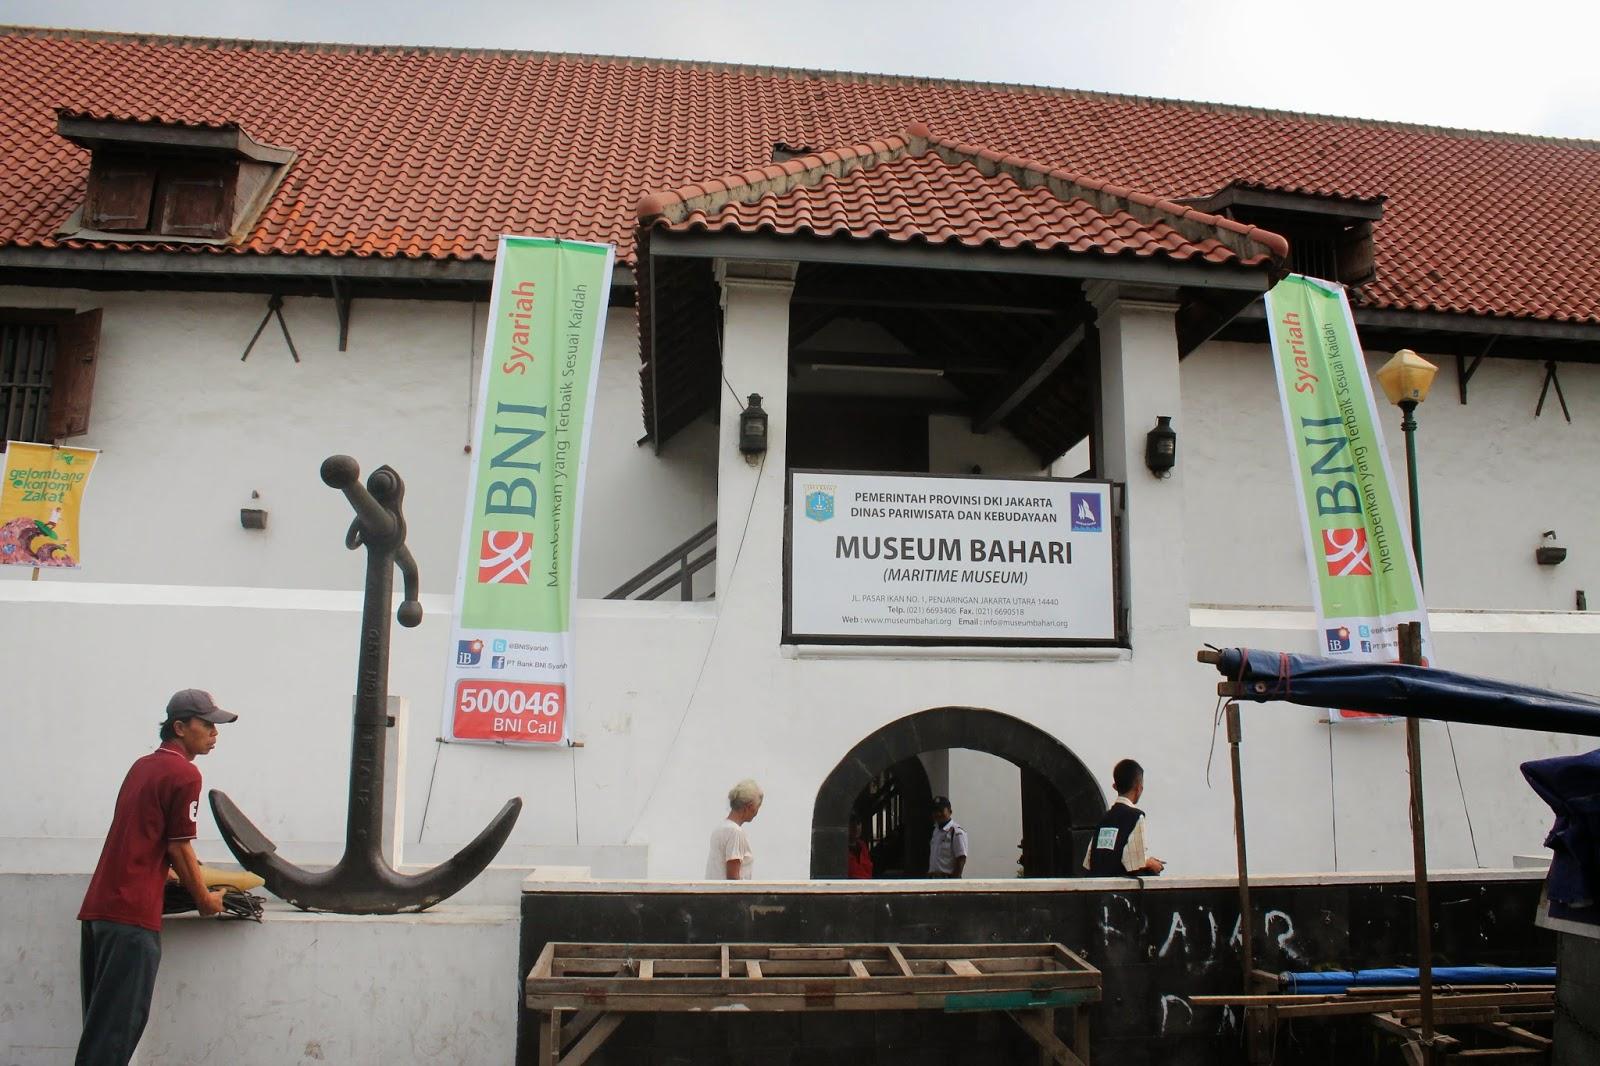 60 Museum Jakarta Bahari Utara Bagi Menikmati Nuansa Pesisir Kebaharian